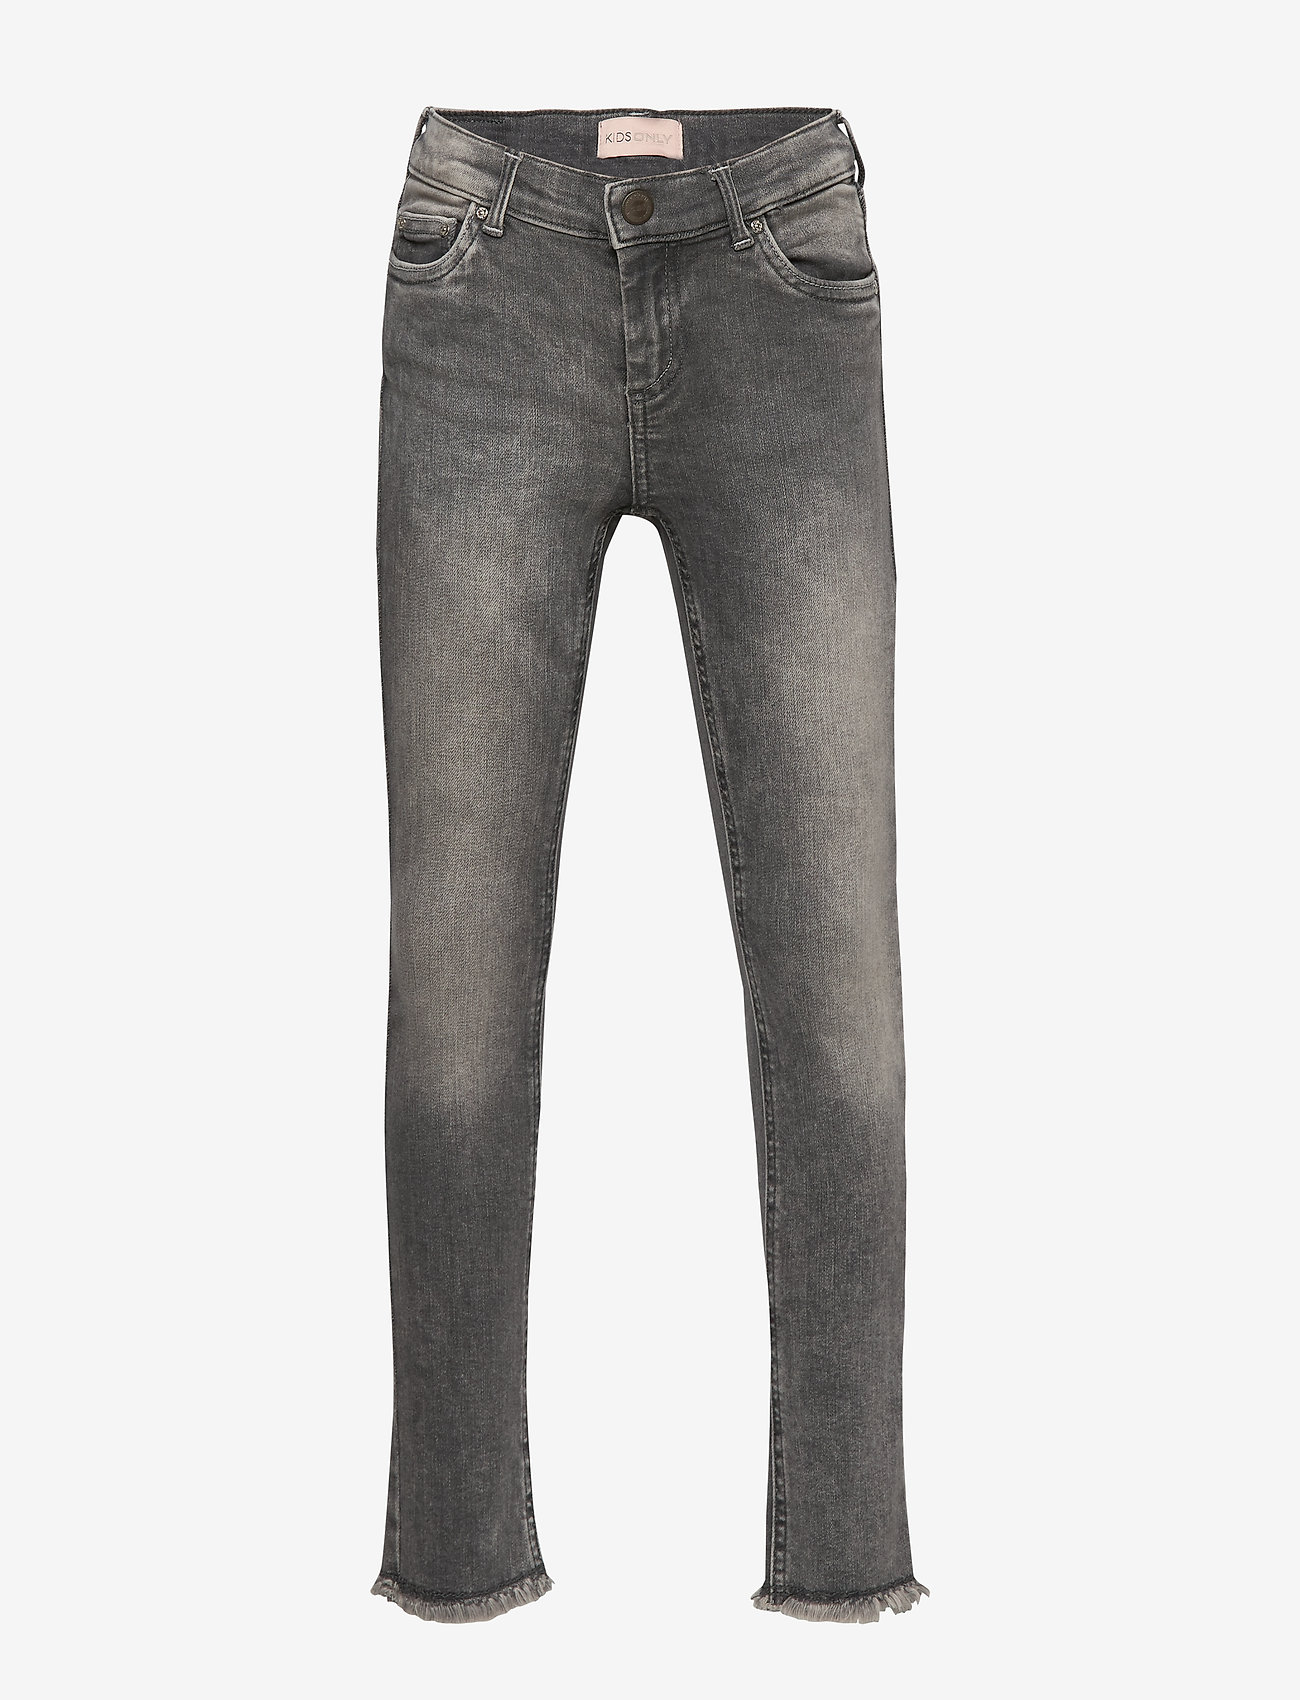 Kids Only - KONBLUSH SKINNY RAW JEANS 0918 NOOS - jeans - grey denim - 0